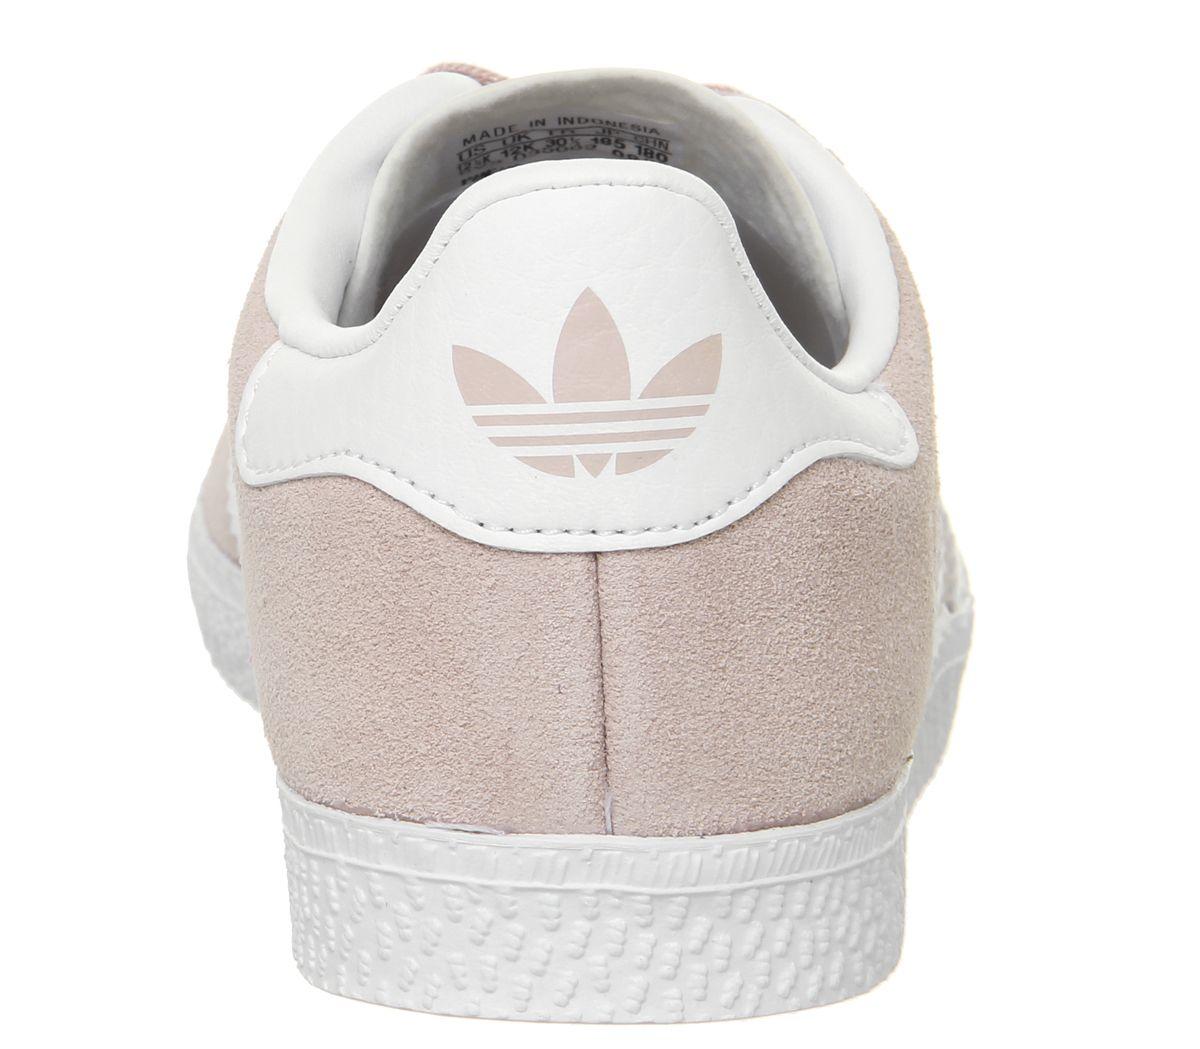 Details zu Kids Adidas Gazelle 2 Kids Trainers Icey Pink White V Kids